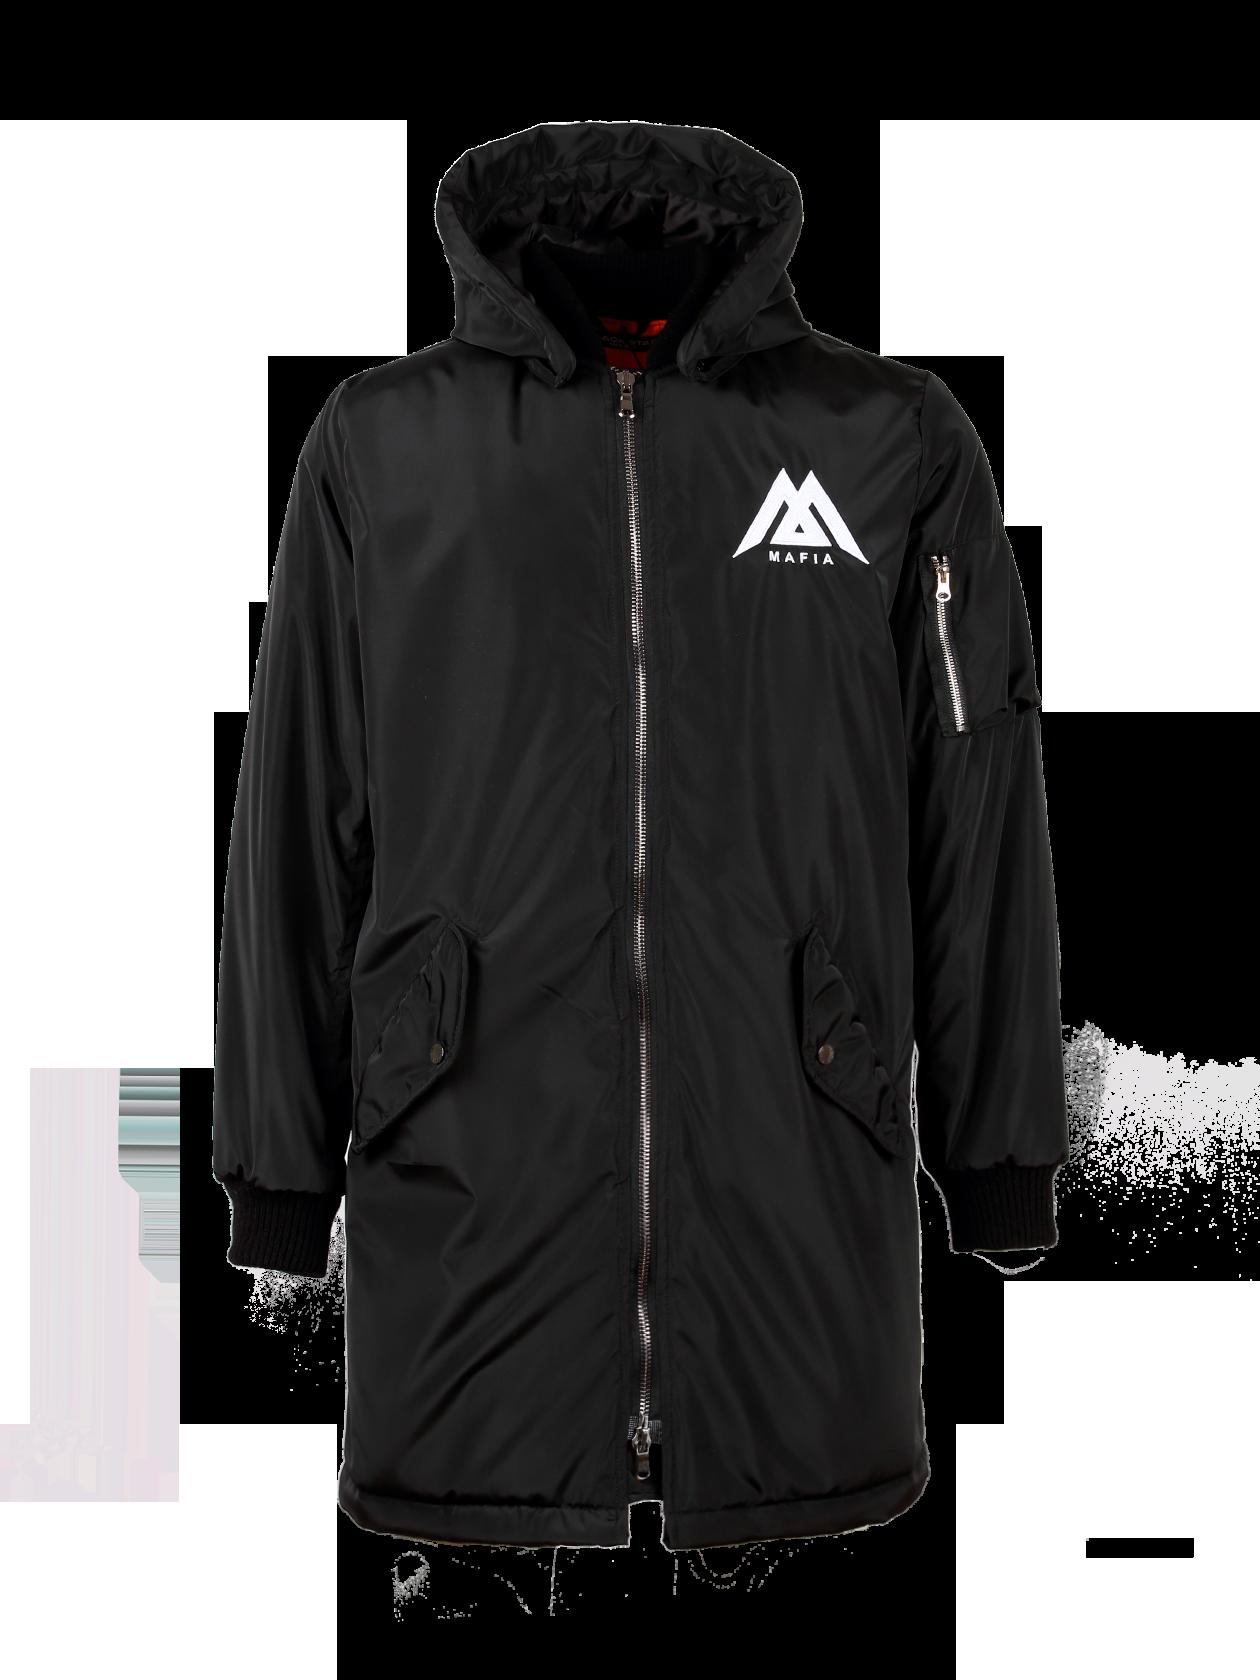 Зимняя куртка-бомбер мужская Black Star MafiaЧерная мужская куртка из новой коллекции Black Star Wear – стильное и практичное решение для холодного сезона. Удлиненная модель со съемным капюшоном принтована надписями и символами спереди и на спине в стилистике бренда. Изготовлена из практичного и влагоотталкивающего нейлона. Бомбер оформлен декоративными молниями, плотными трикотажными резинками на манжетах.<br><br>Размер: XS<br>Цвет: Черный<br>Пол: Мужской